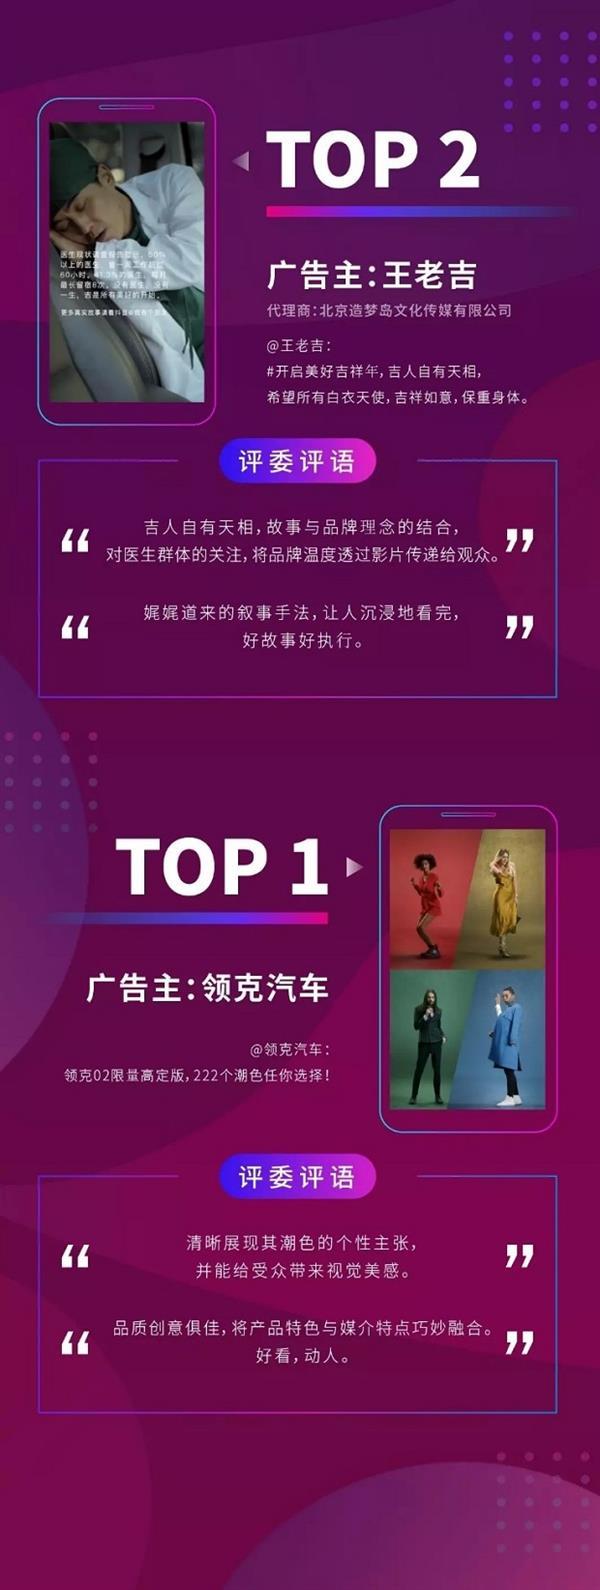 抖音广告【DC计划】2019 第一季度精彩创意TOP10  火热出炉!